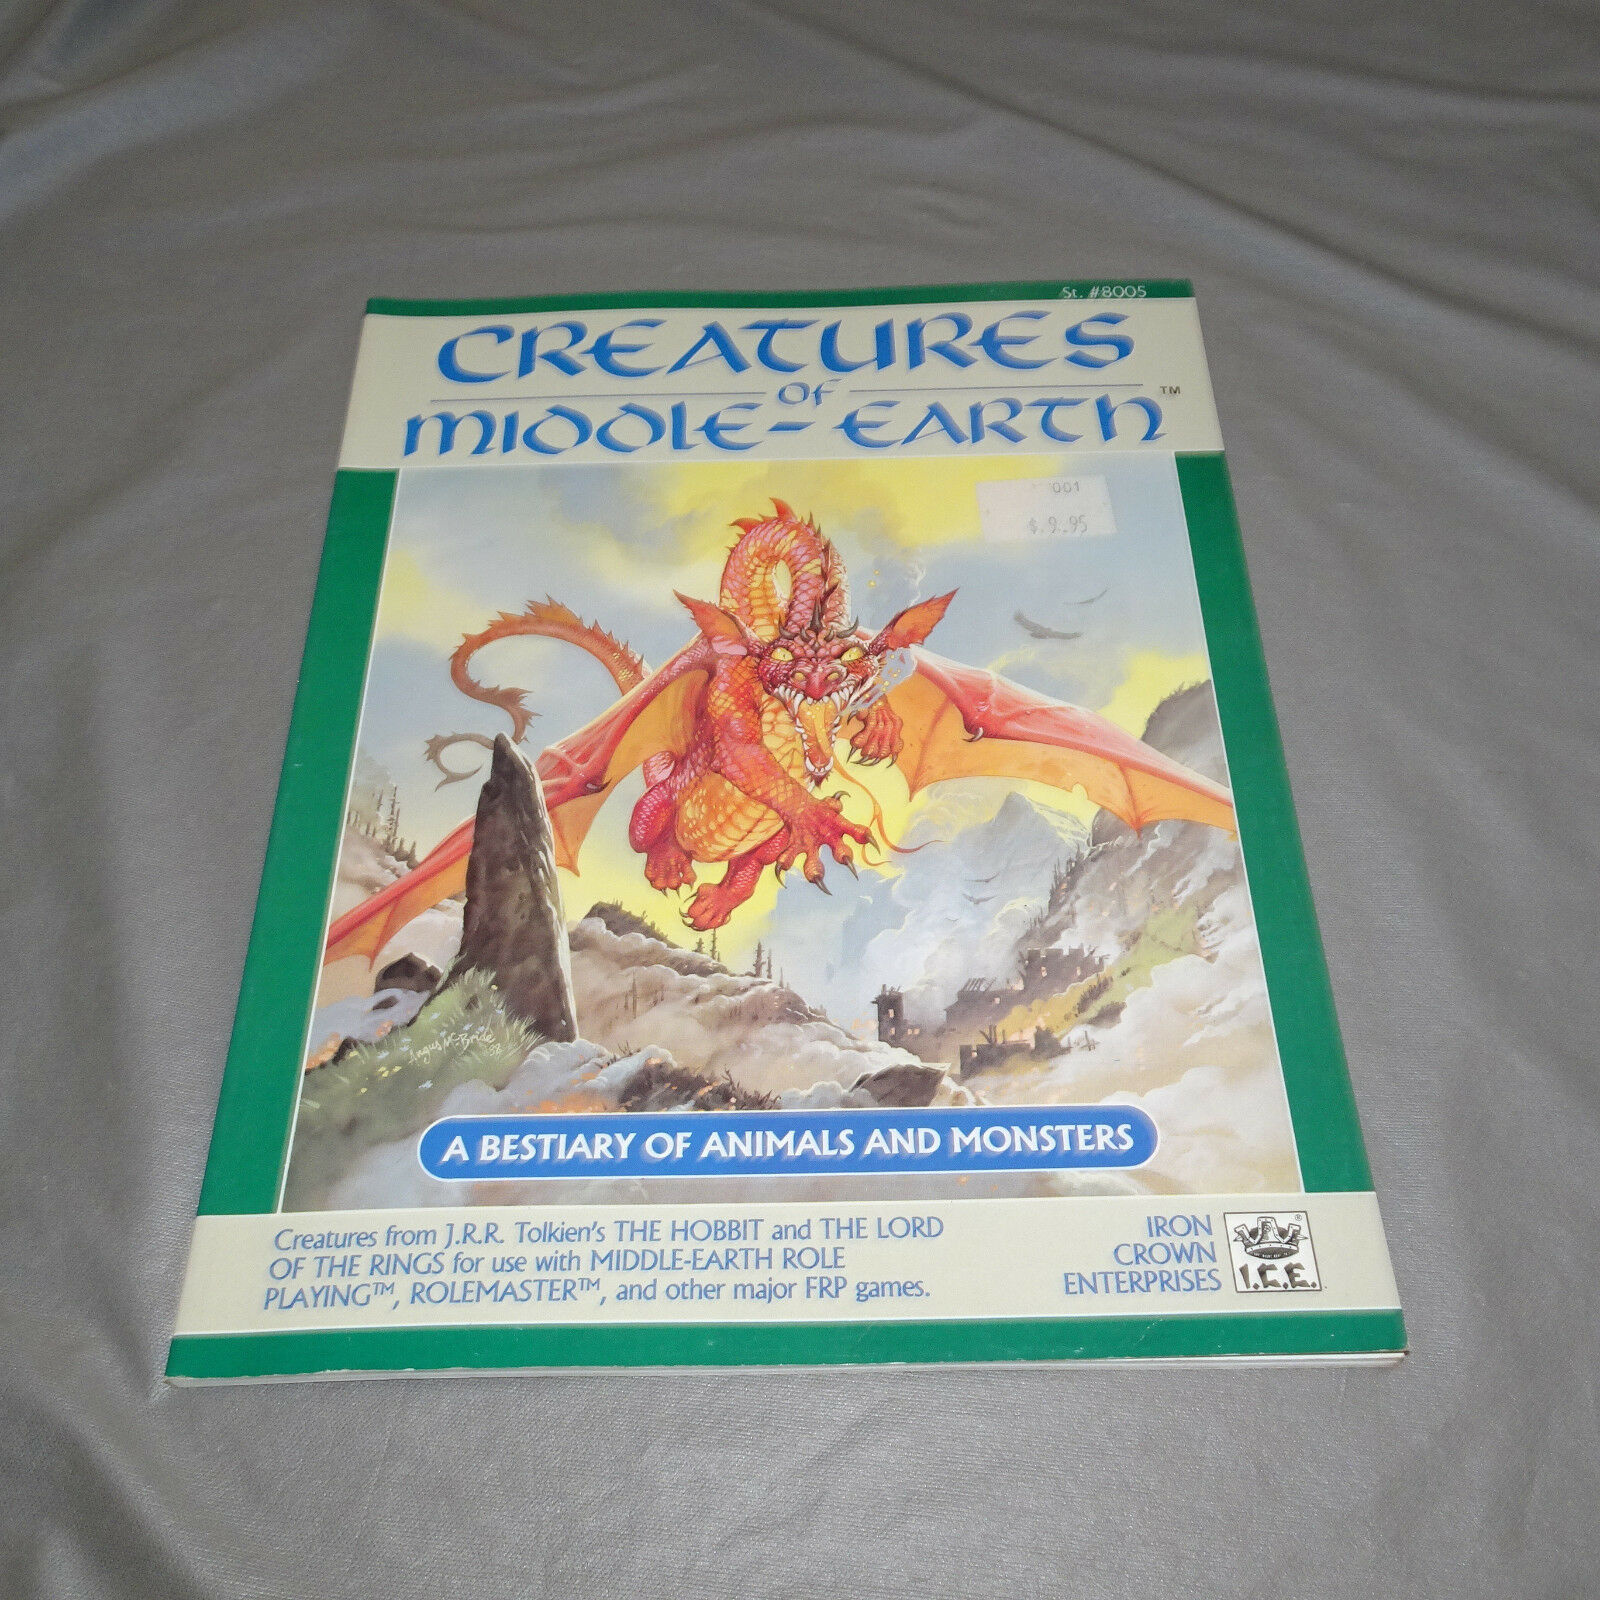 ventas al por mayor Criaturas de la tierra media un Besteiario Besteiario Besteiario de animales y monstruos 8005 I.C.E. - 1988  precios mas bajos